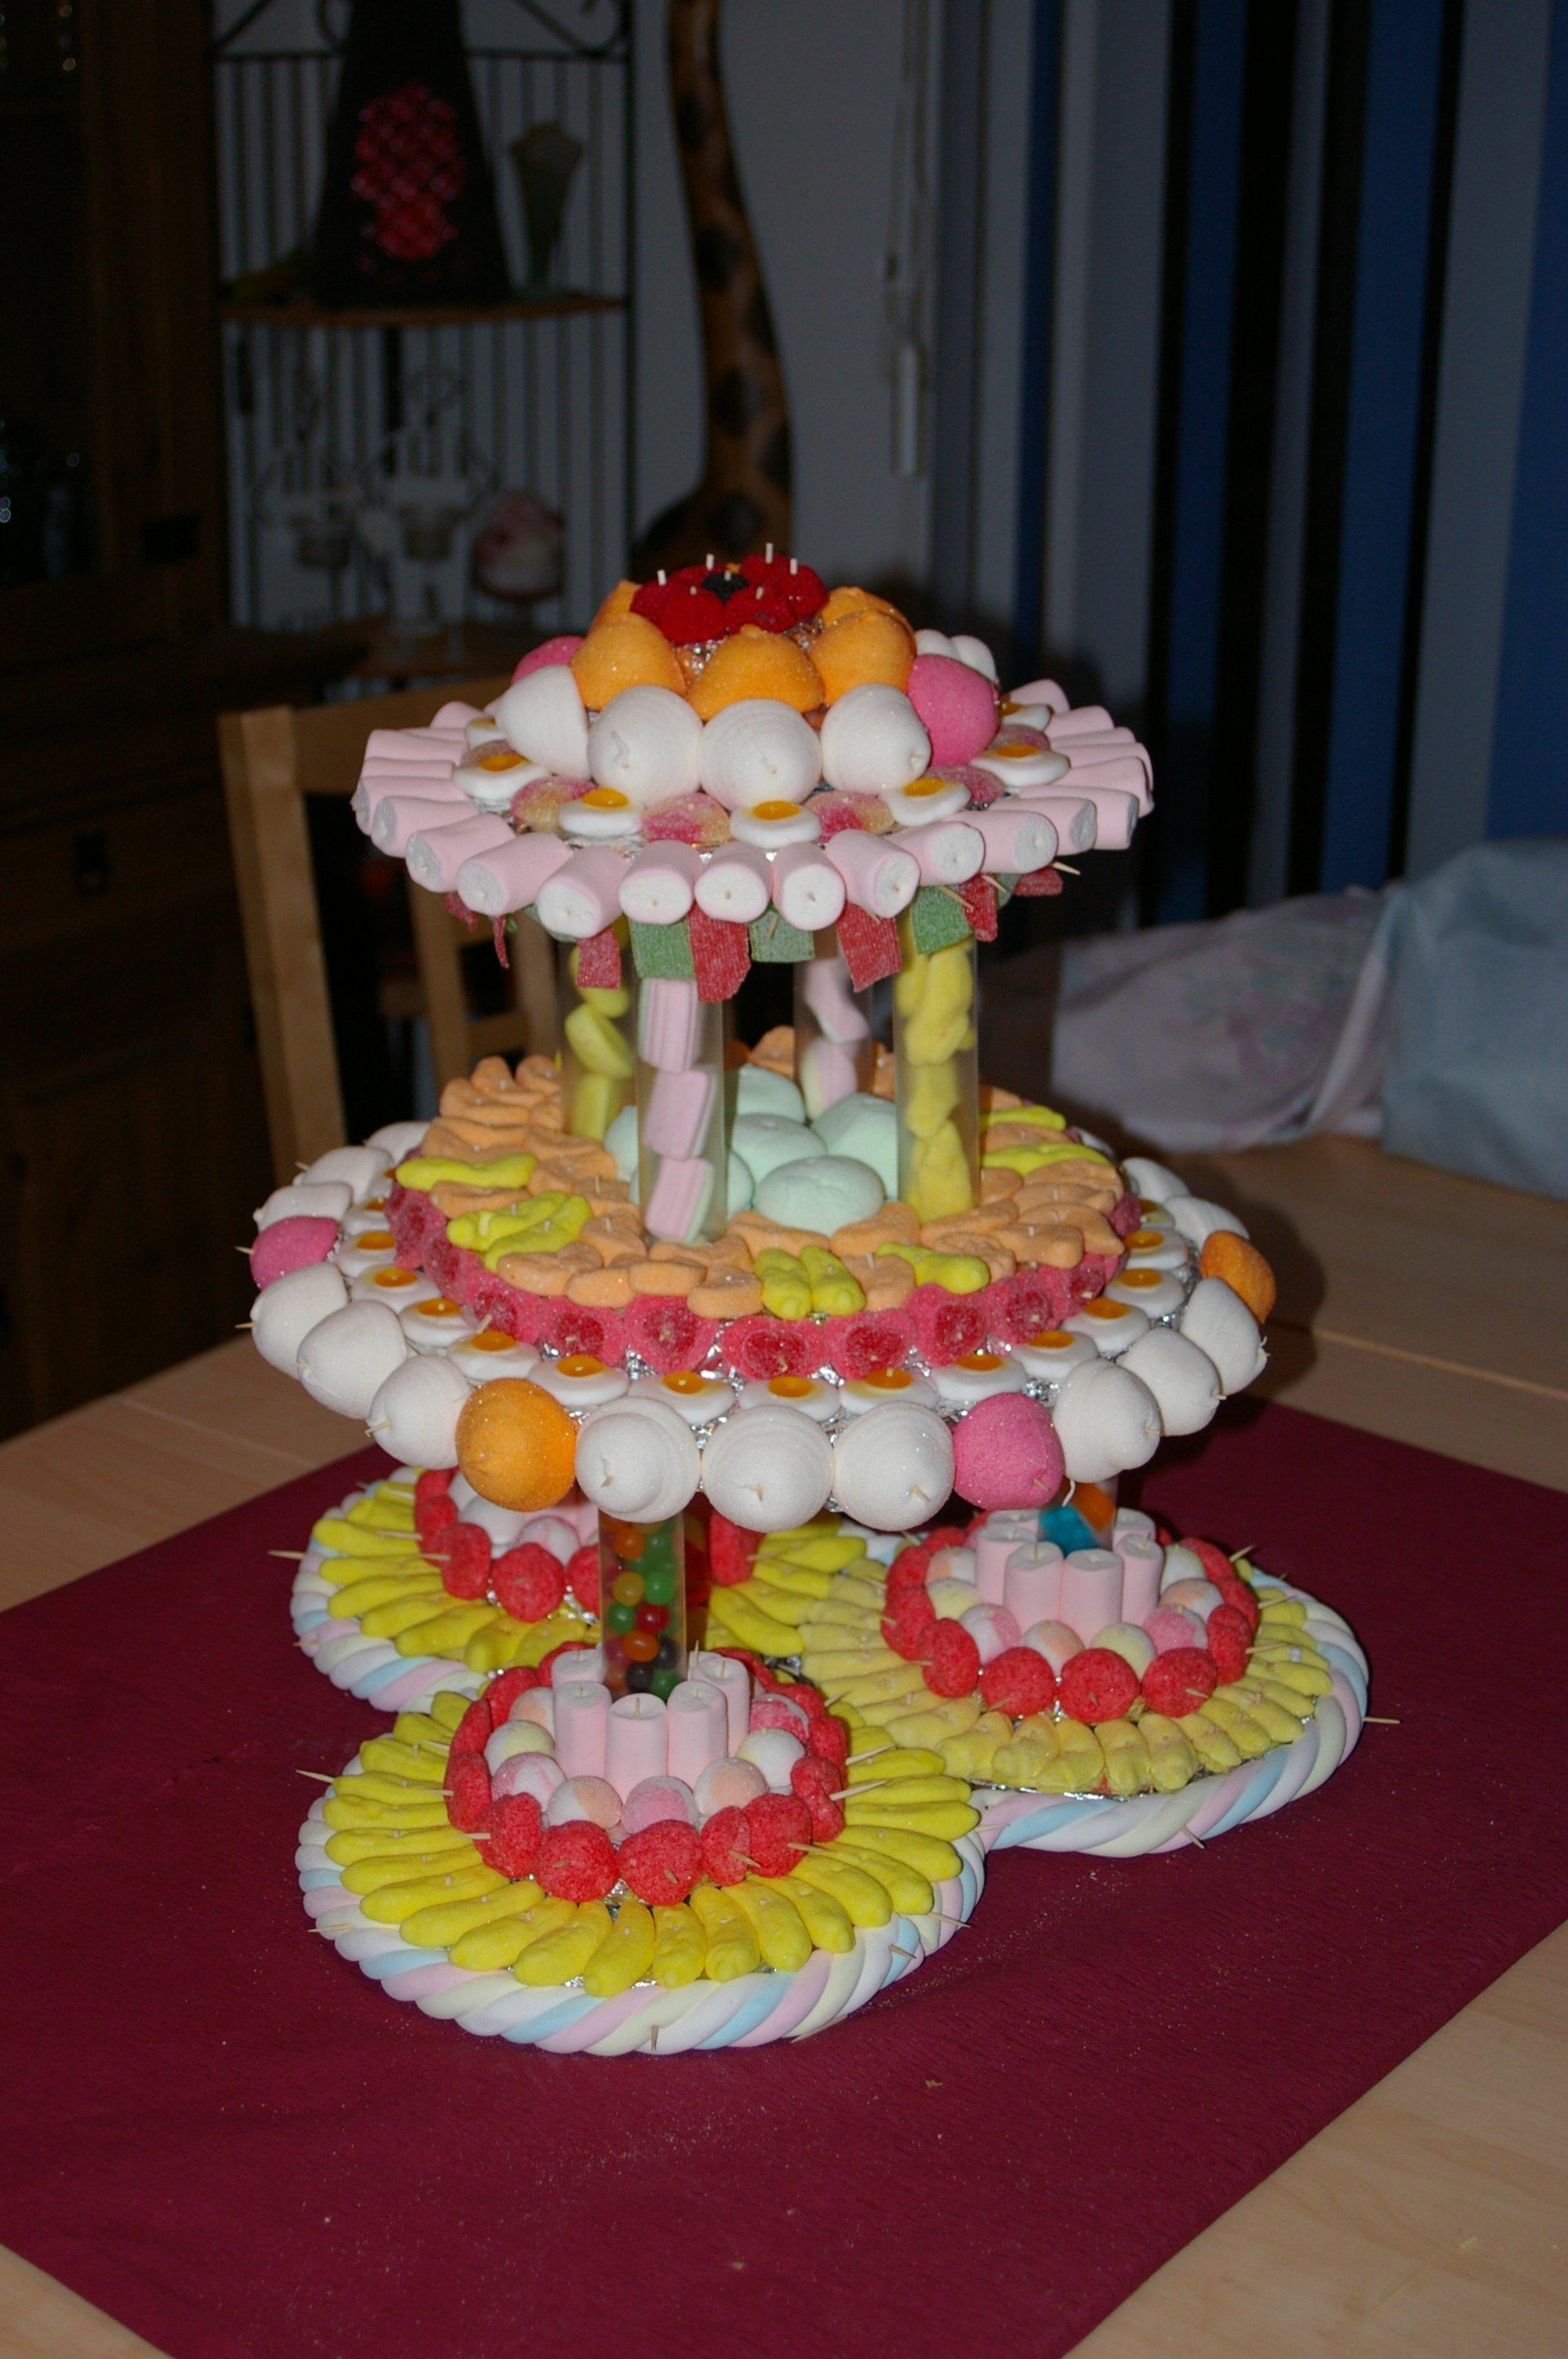 Panier Cadeau Bonbon : G?teaux de bonbons virginie ? pieces montees